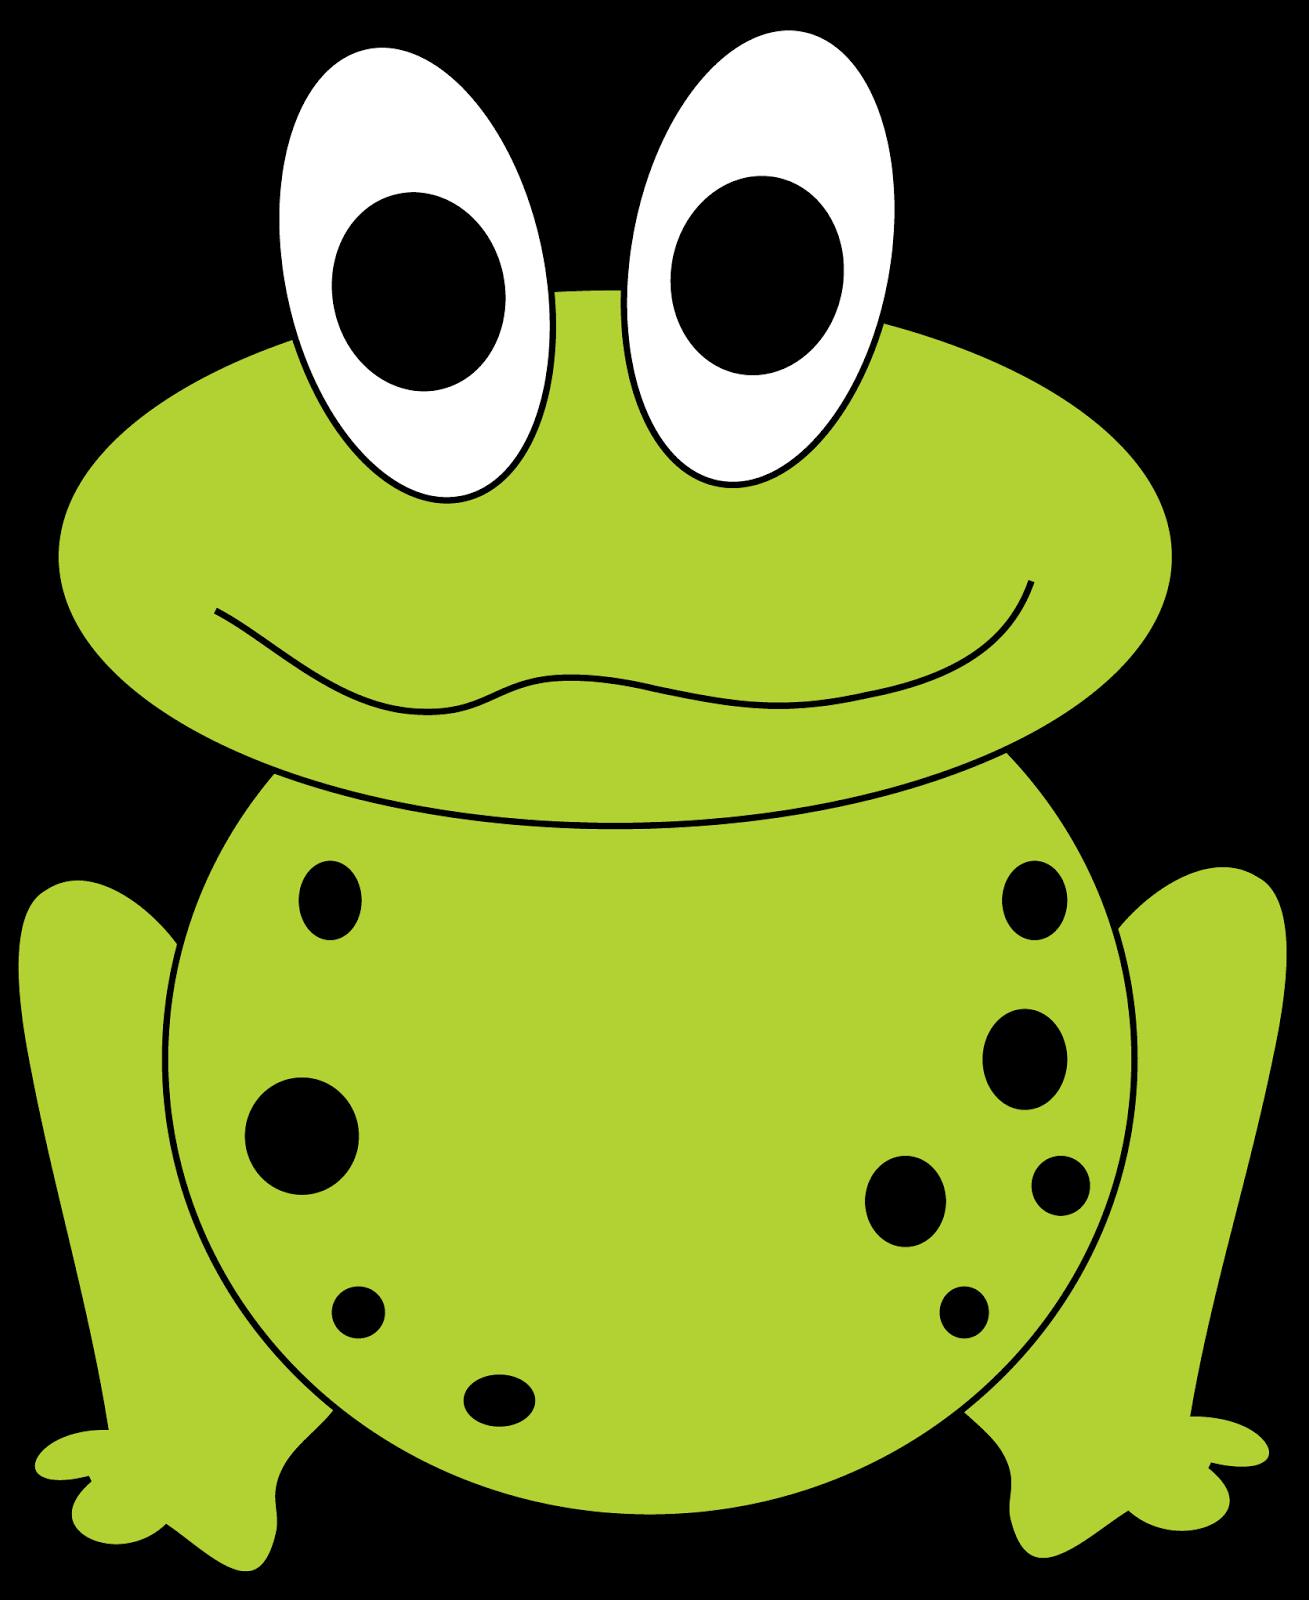 Sad frog clipart